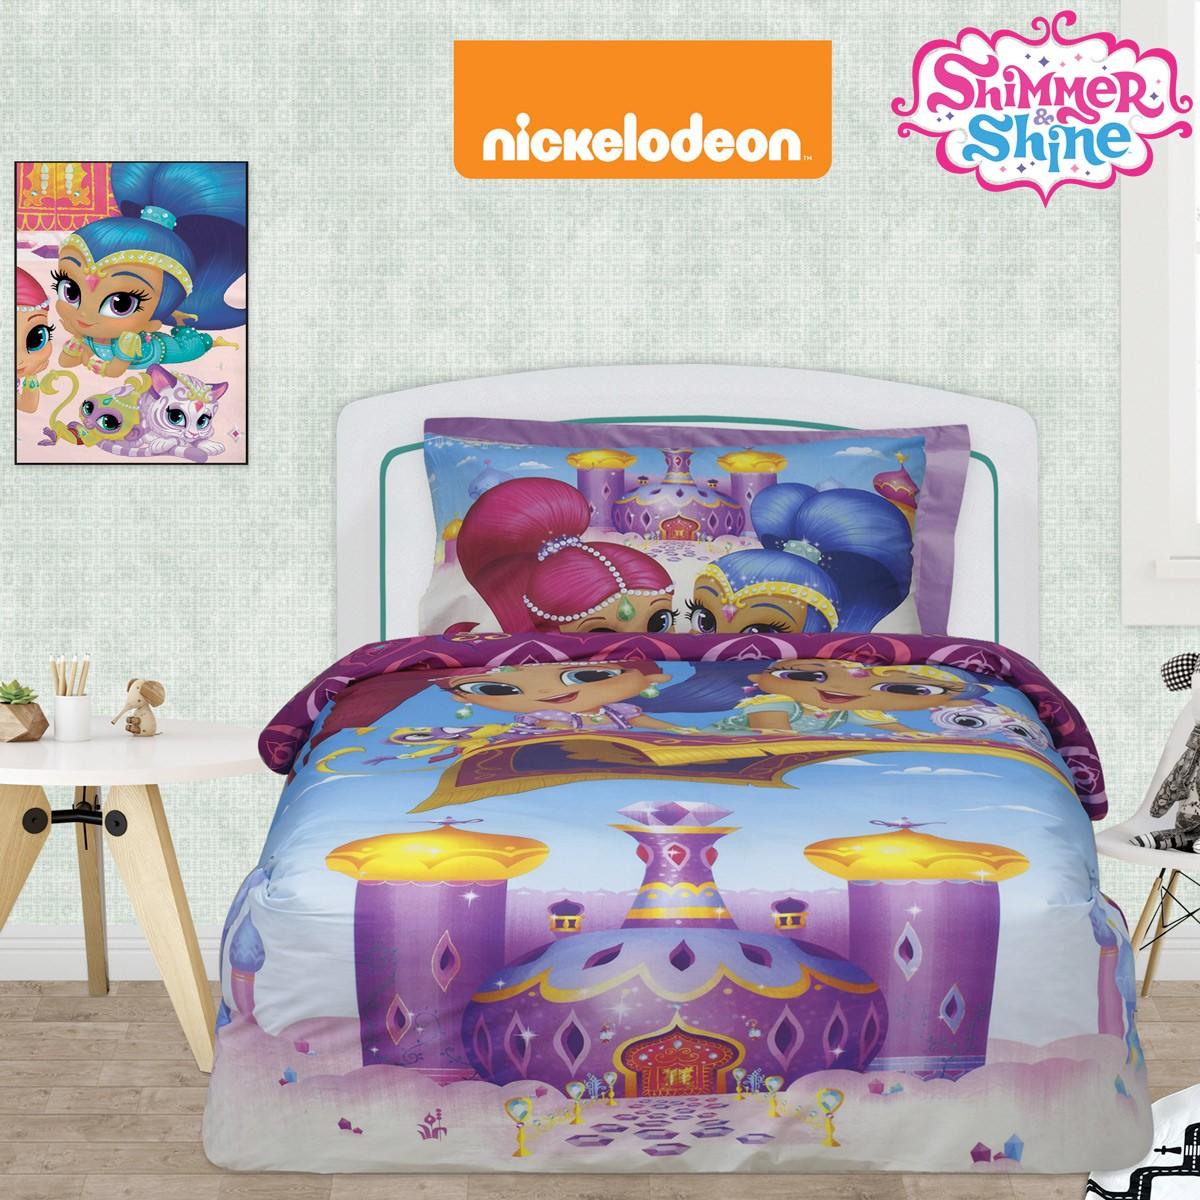 Σεντόνια Μονά (Σετ) Das Home Shimmer & Shine 5002 home   παιδικά   σεντόνια παιδικά